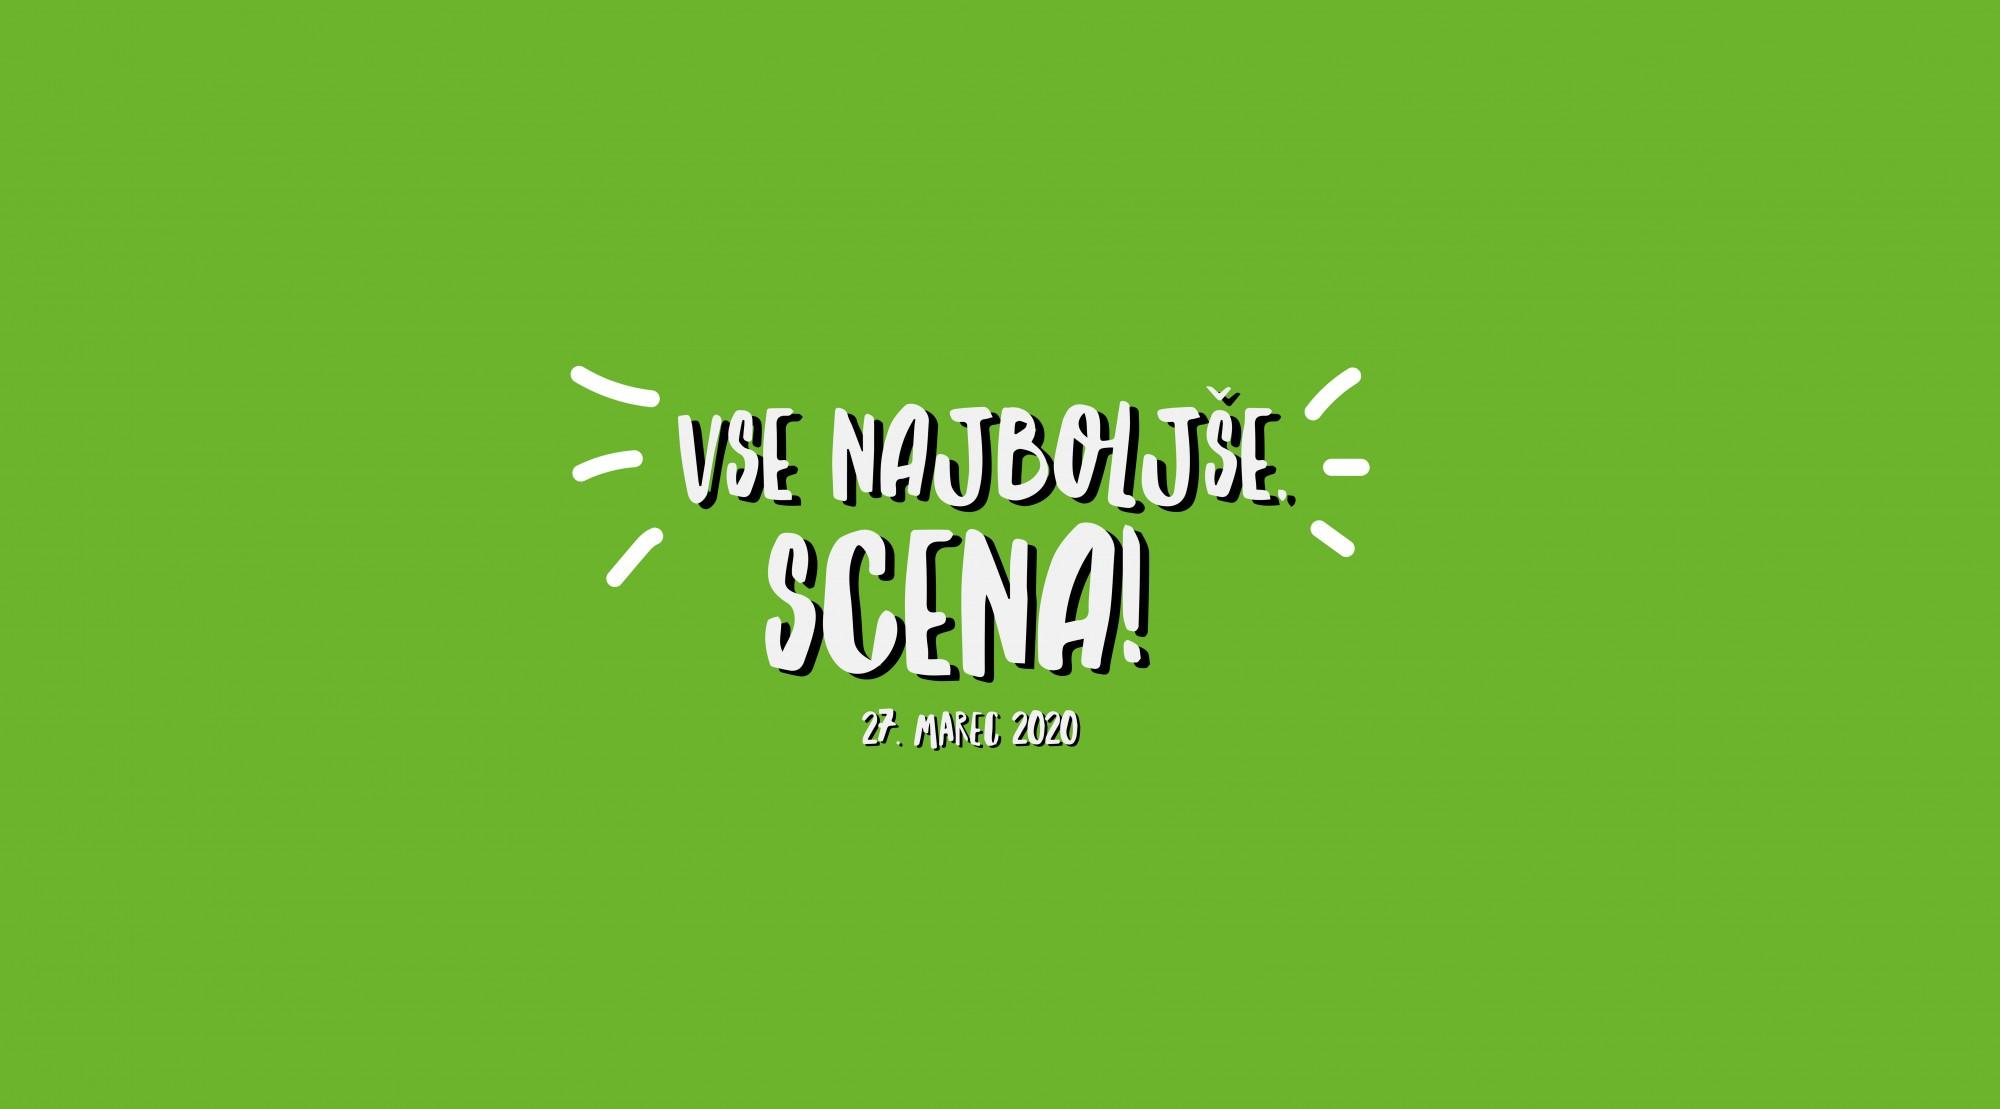 Vse najboljše, Scena!